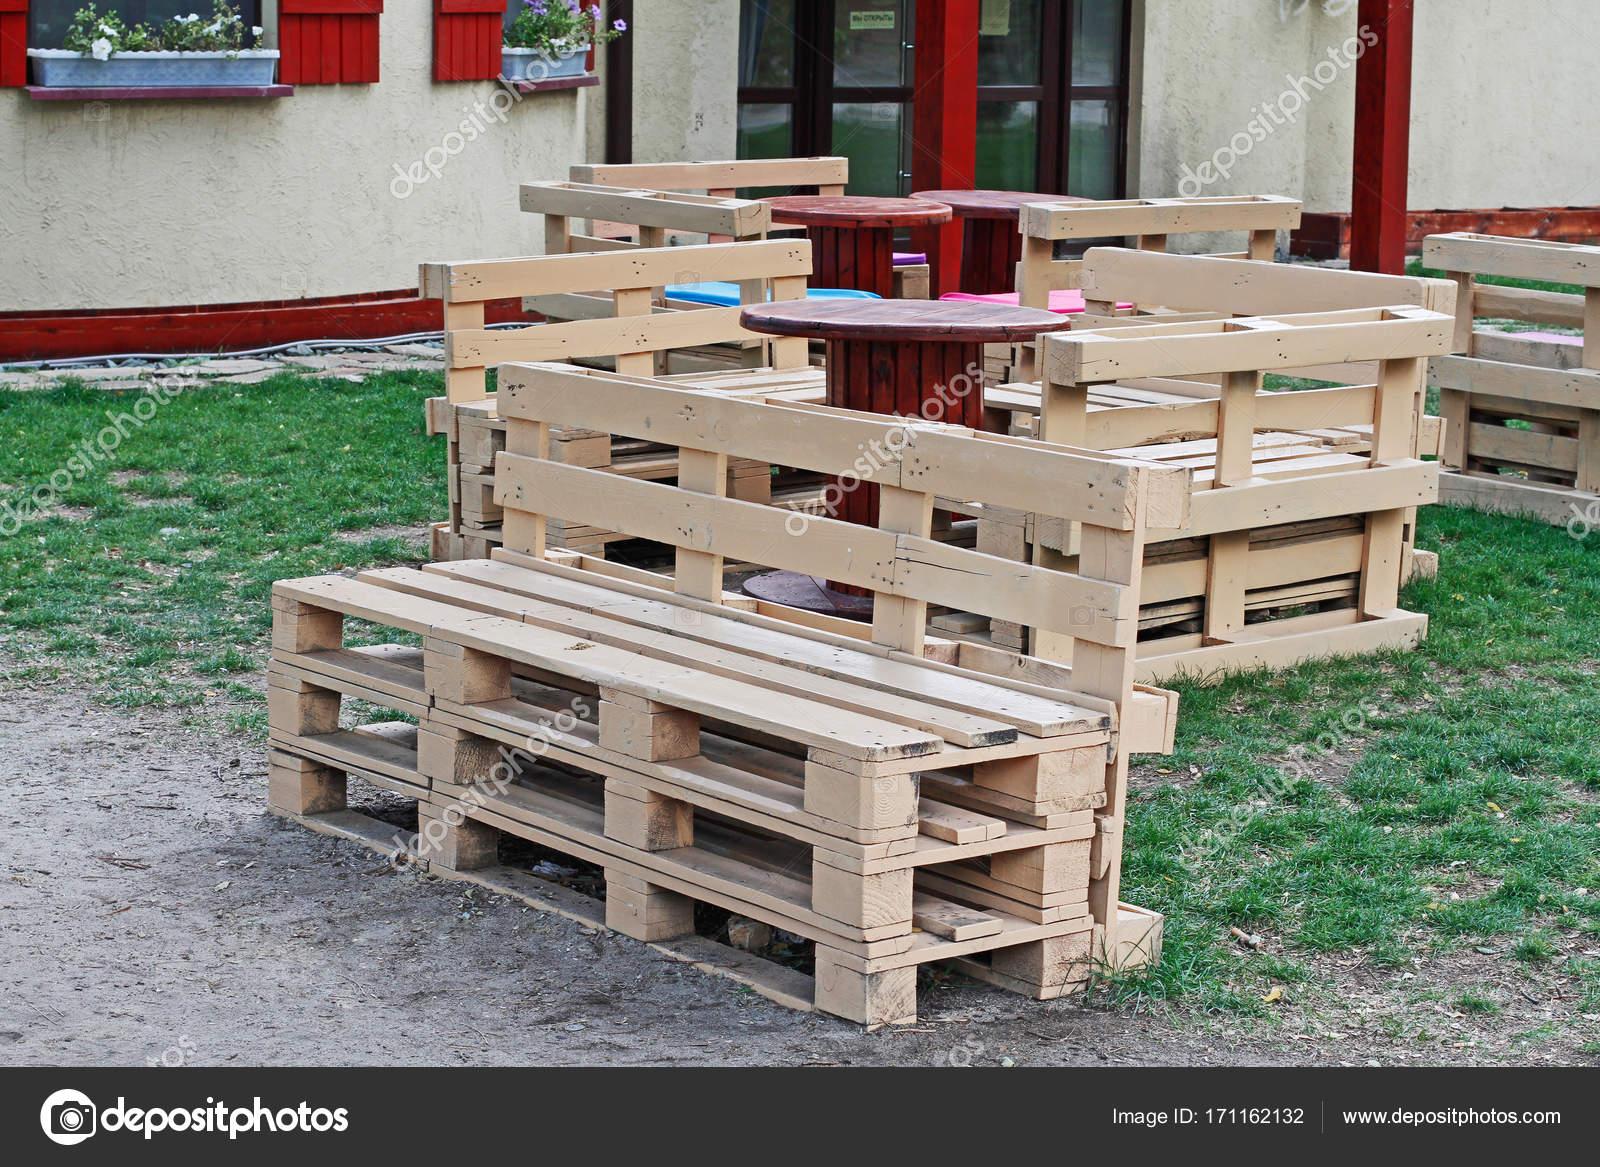 Imagenes Bancos Para Sentarse Banco De Madera Hecho De Palets - Banco-de-palets